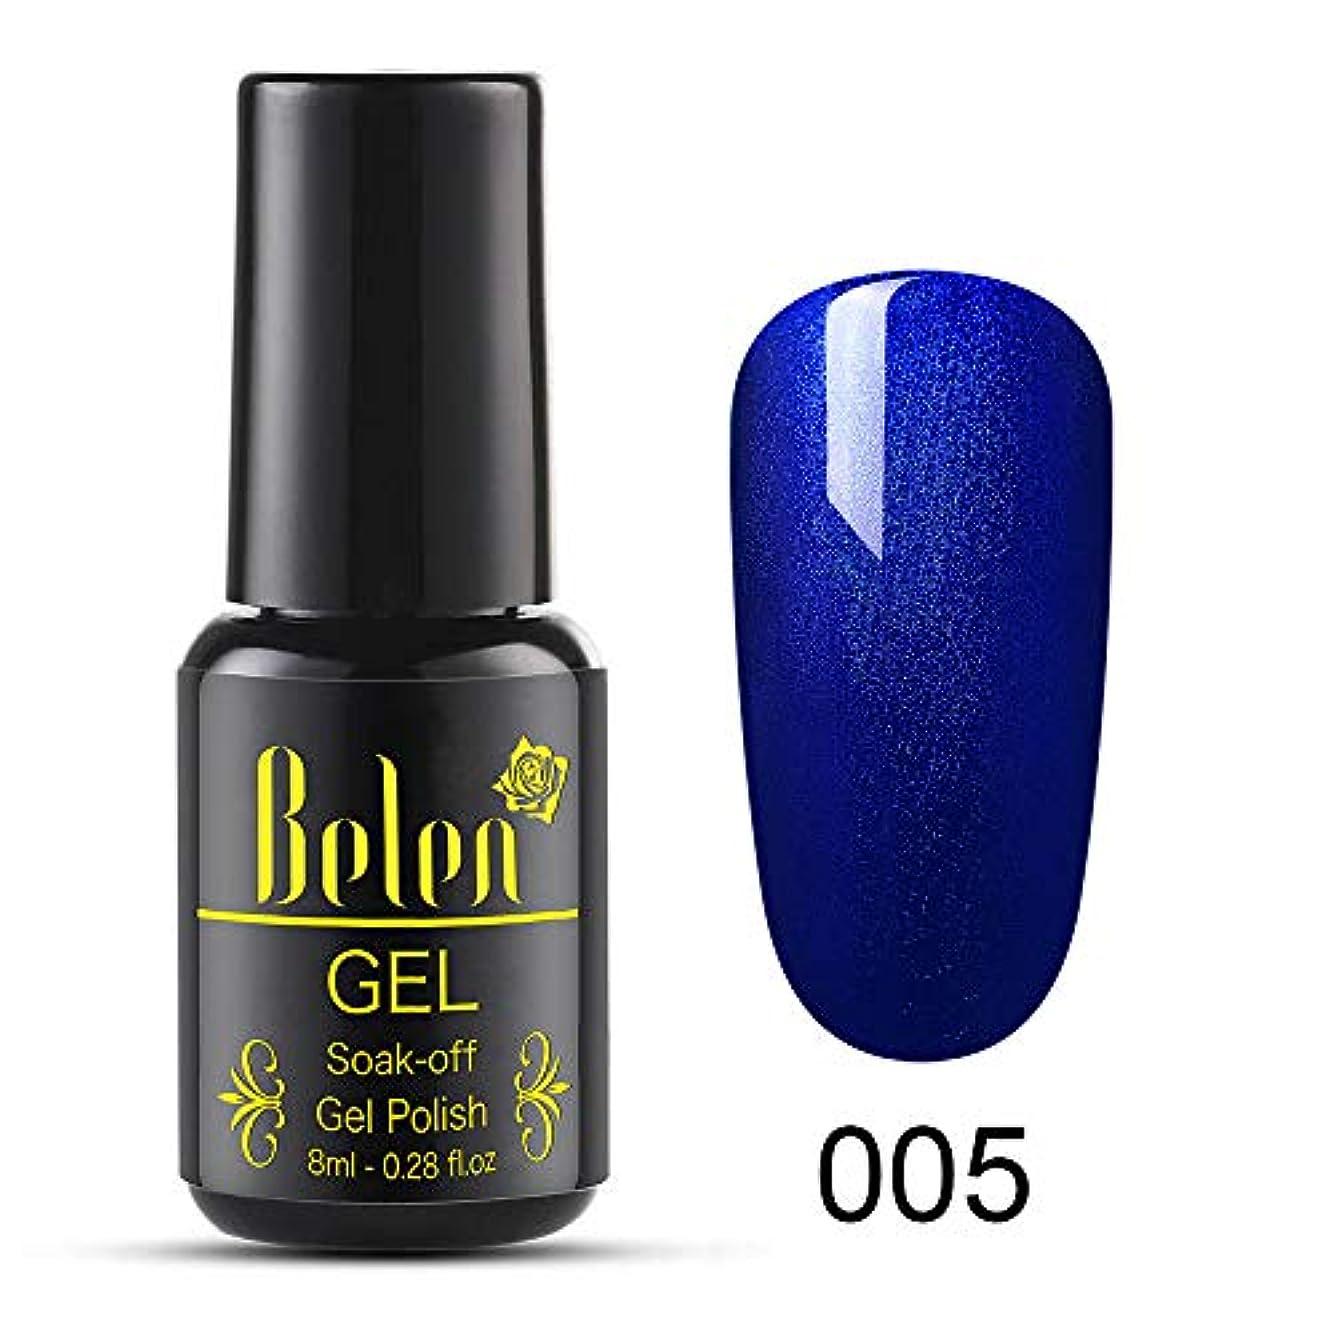 夕方ドリル何でもBelen ジェルネイル カラージェル 超長い蓋 塗りが便利 1色入り 8ml【全42色選択可】